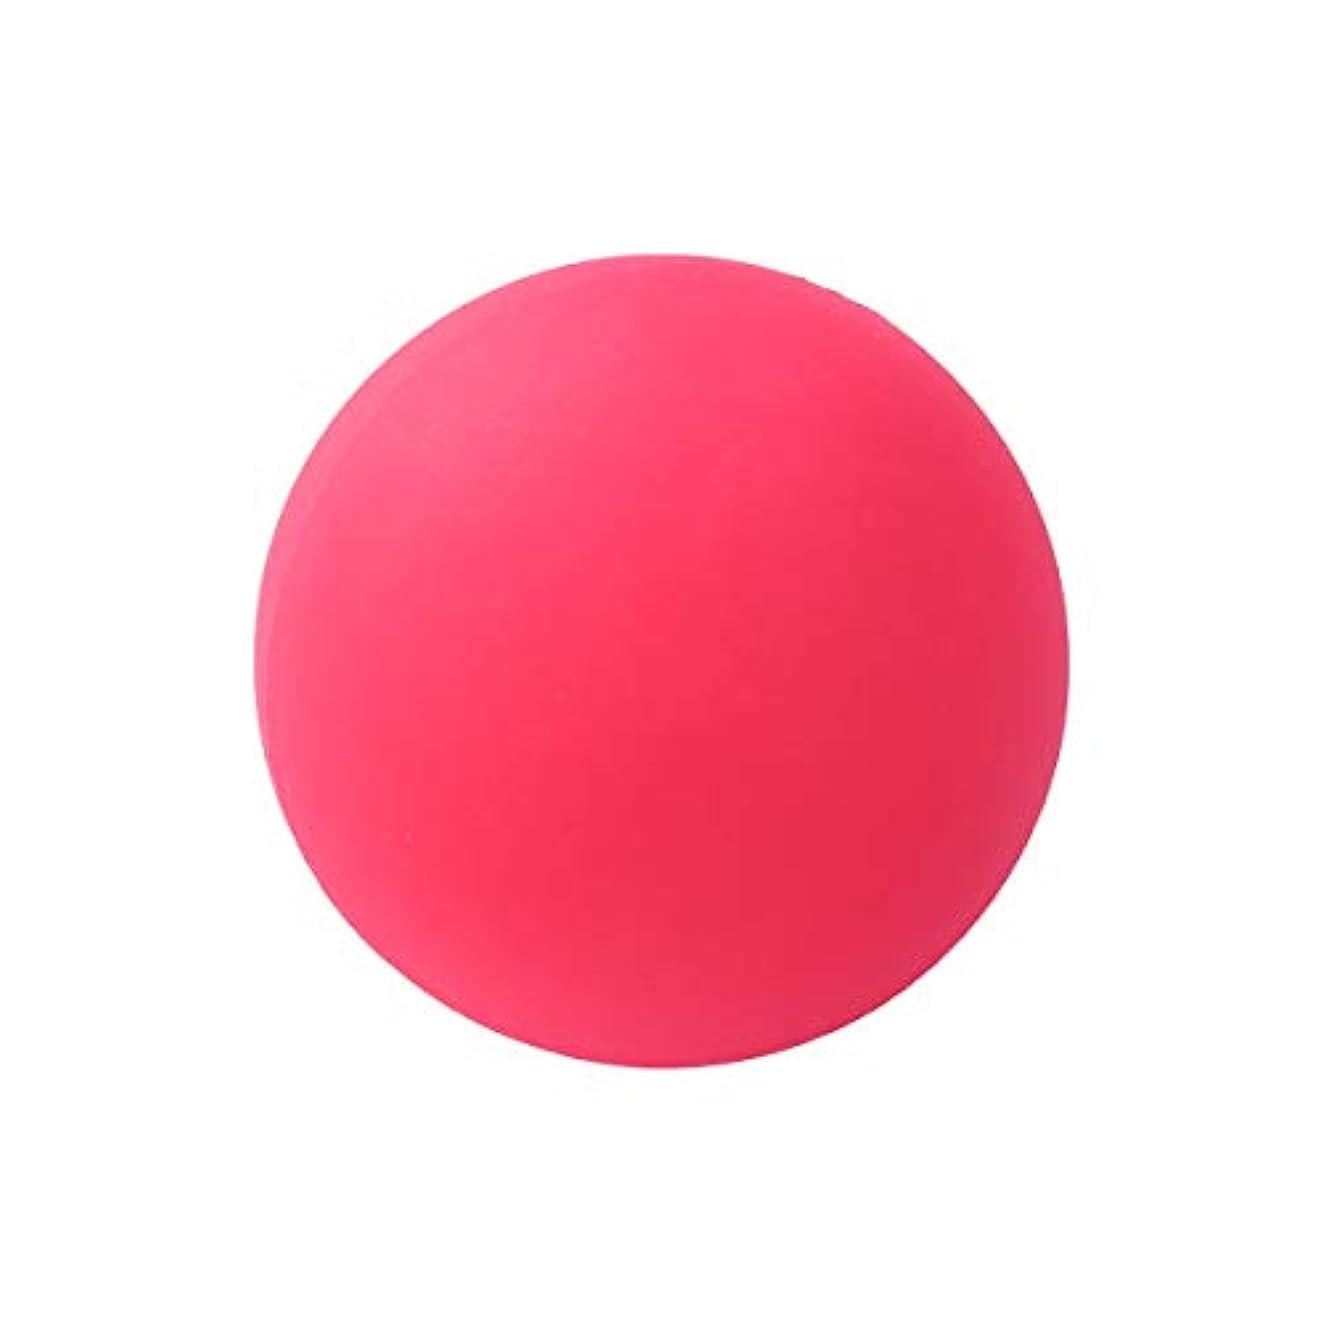 データム維持する着飾るVORCOOL マッサージボール ヨガ ストレッチボール トリガーポイント 筋膜リリース トレーニング 背中 肩こり 腰 ふくらはぎ 足裏 ツボ押しグッズ 物理 マッサージ 療法ボール